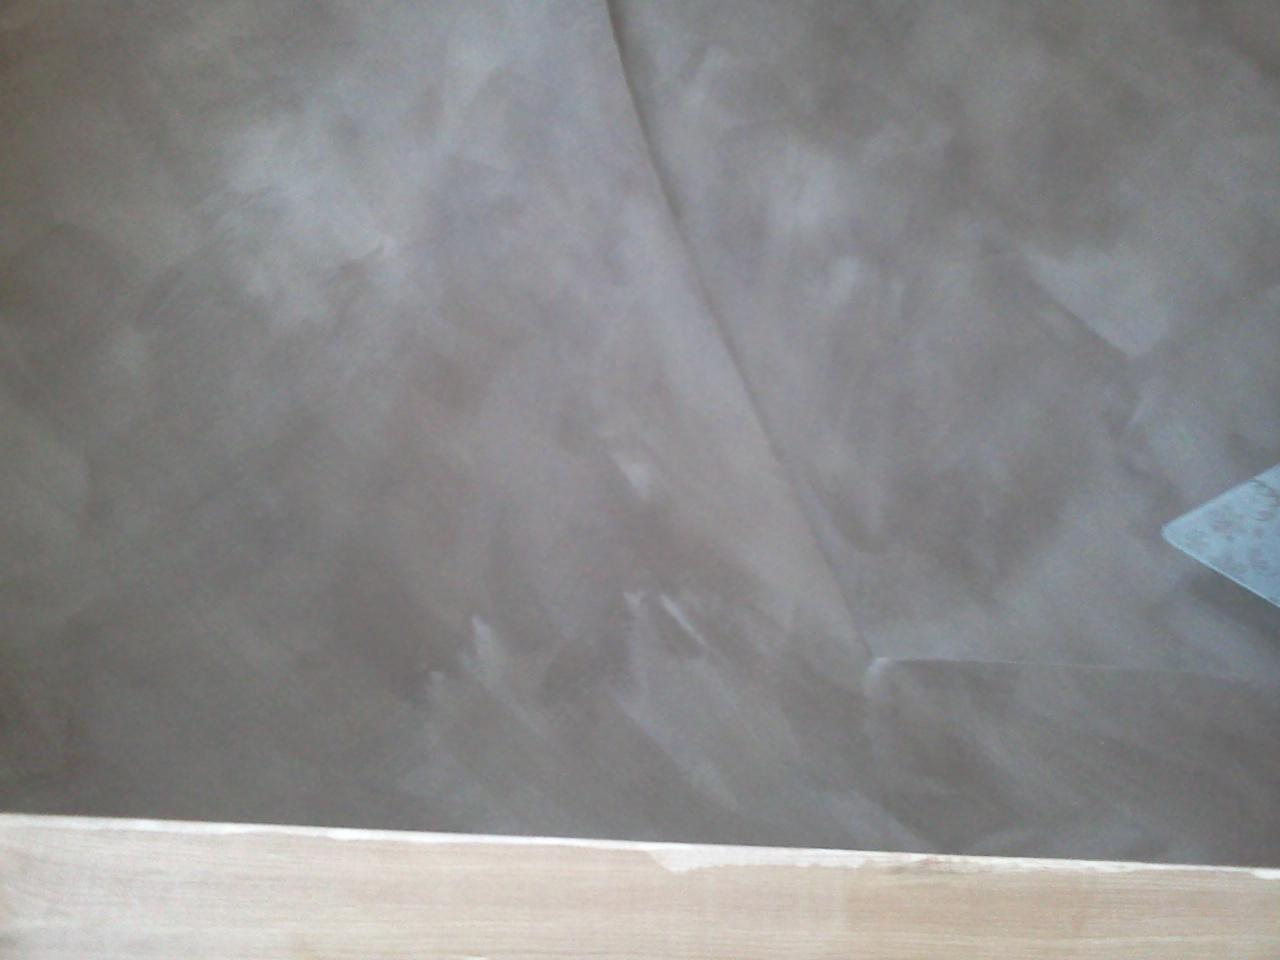 béton ciré - enduits chaux, terre, argile,... - Peinture Sur Enduit Chaux